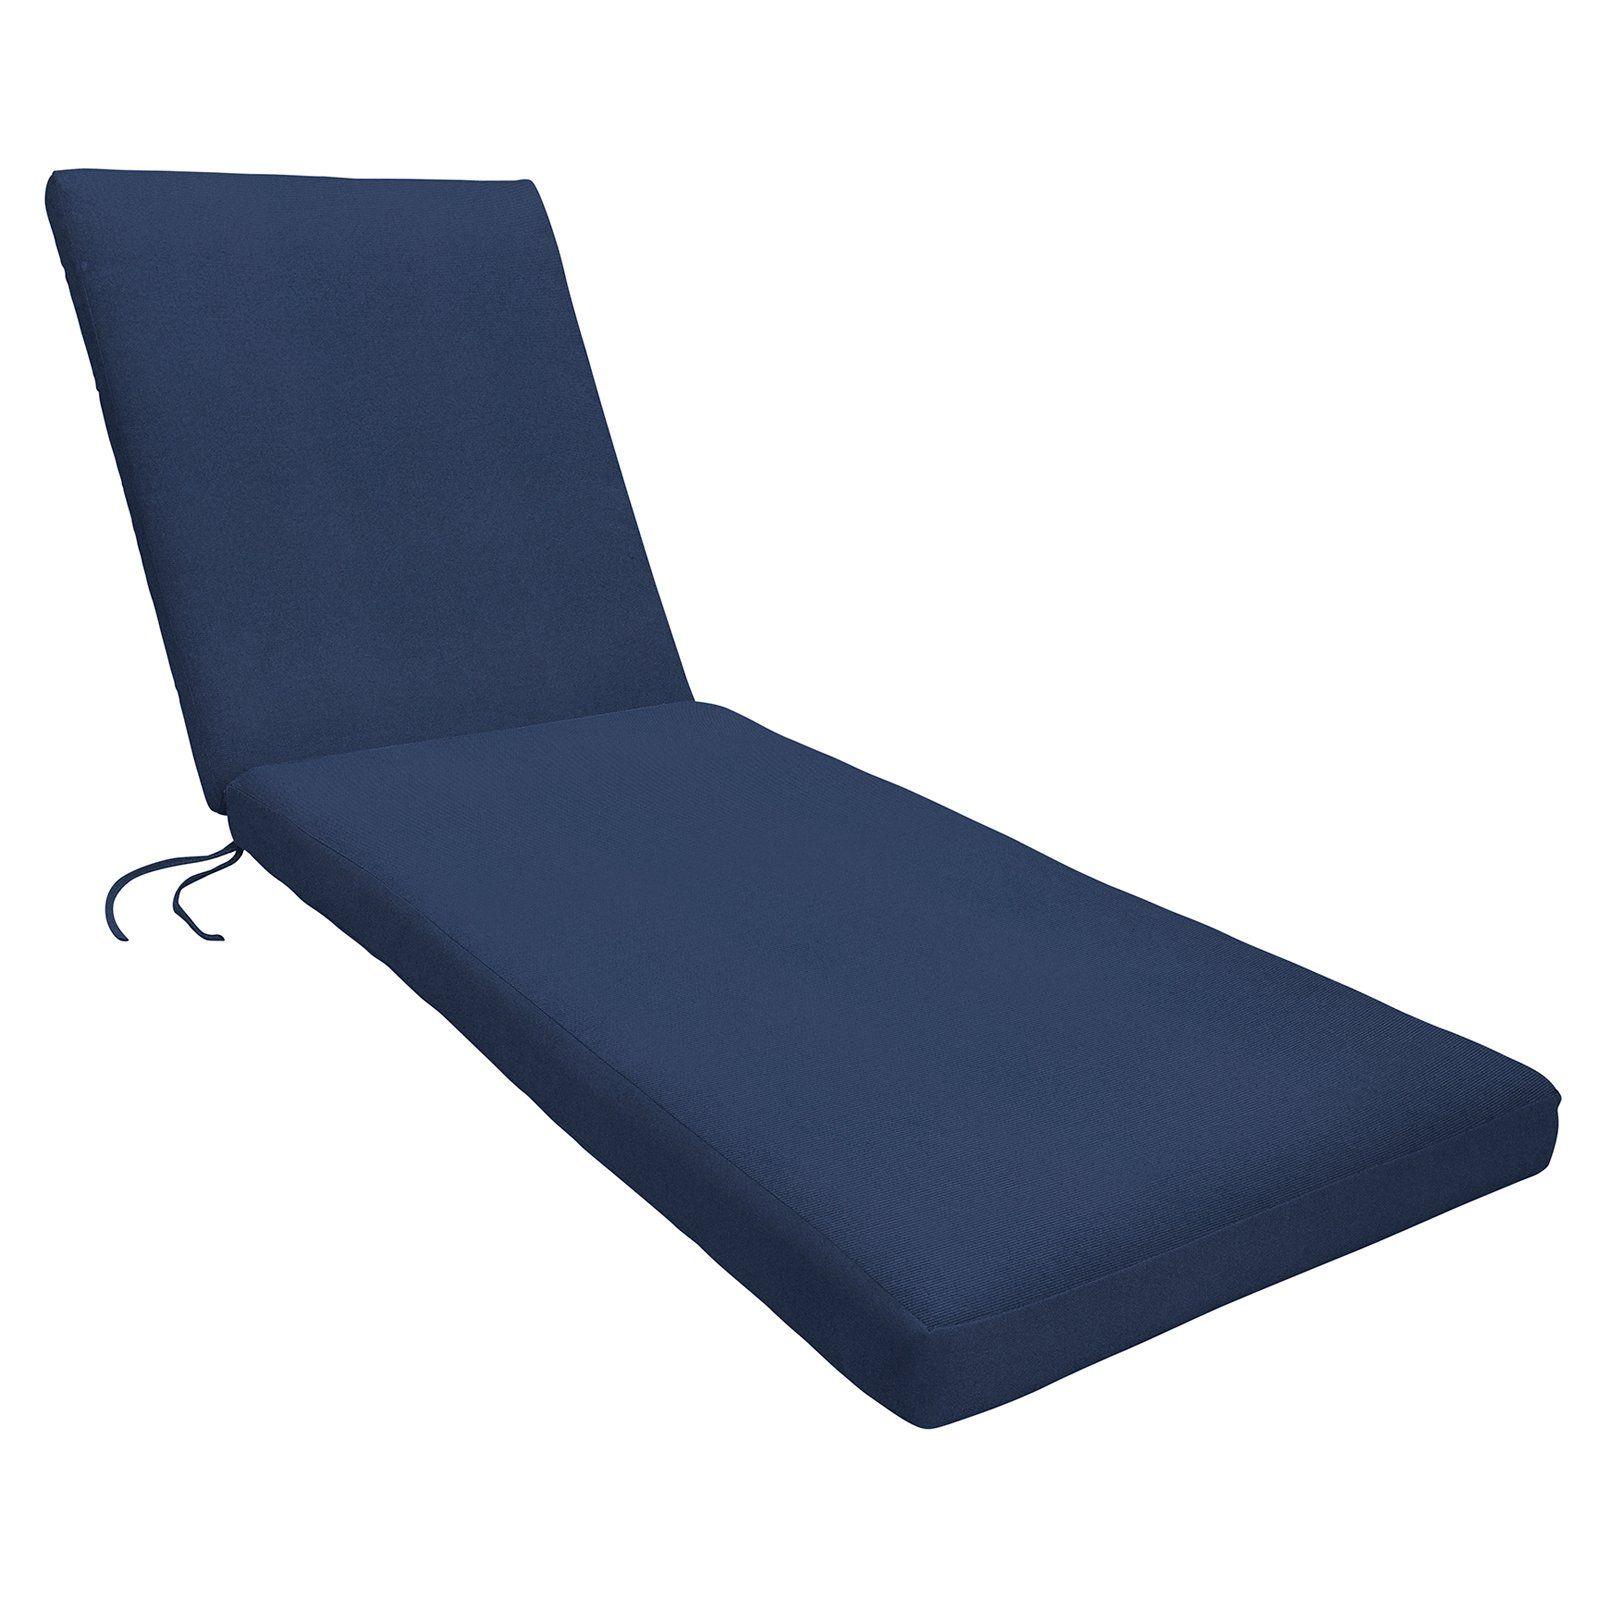 - Eddie Bauer Sunbrella Chaise Lounge Cushion - Knife Edge Canvas